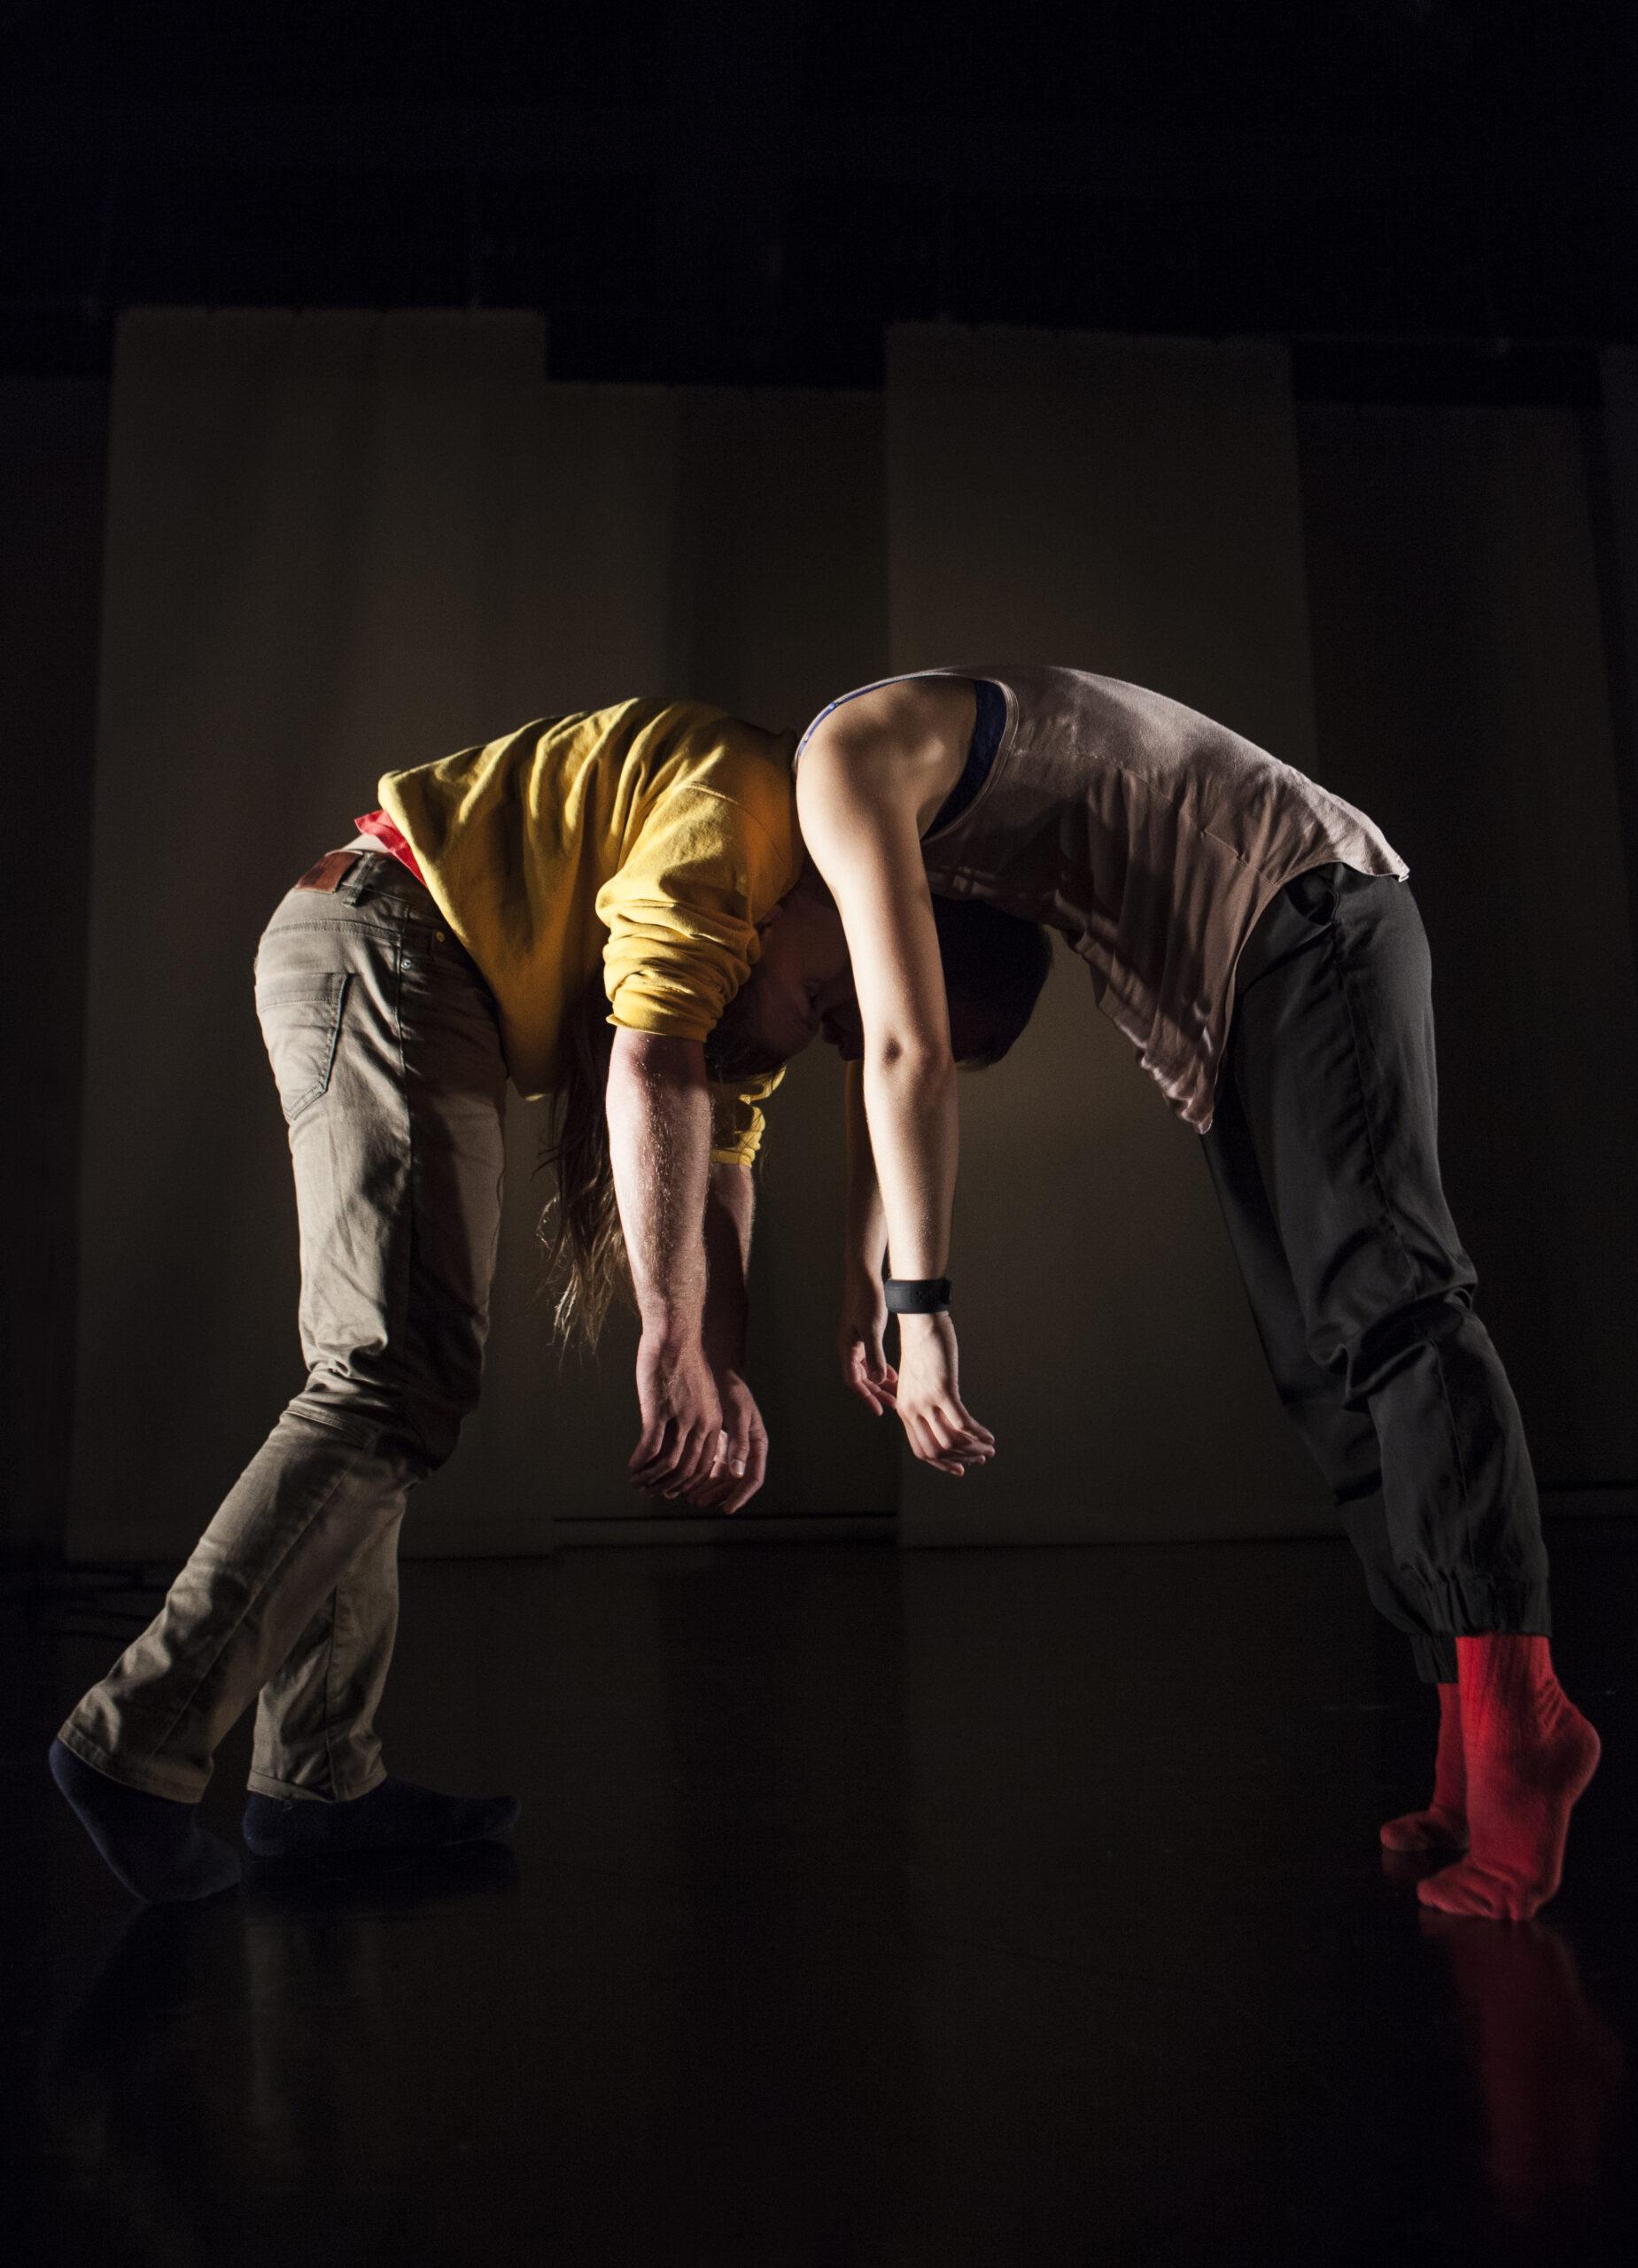 Danse de nuit de Karine Ledoyen: éclats de lumière par Daphné Bédard, Le Soleil